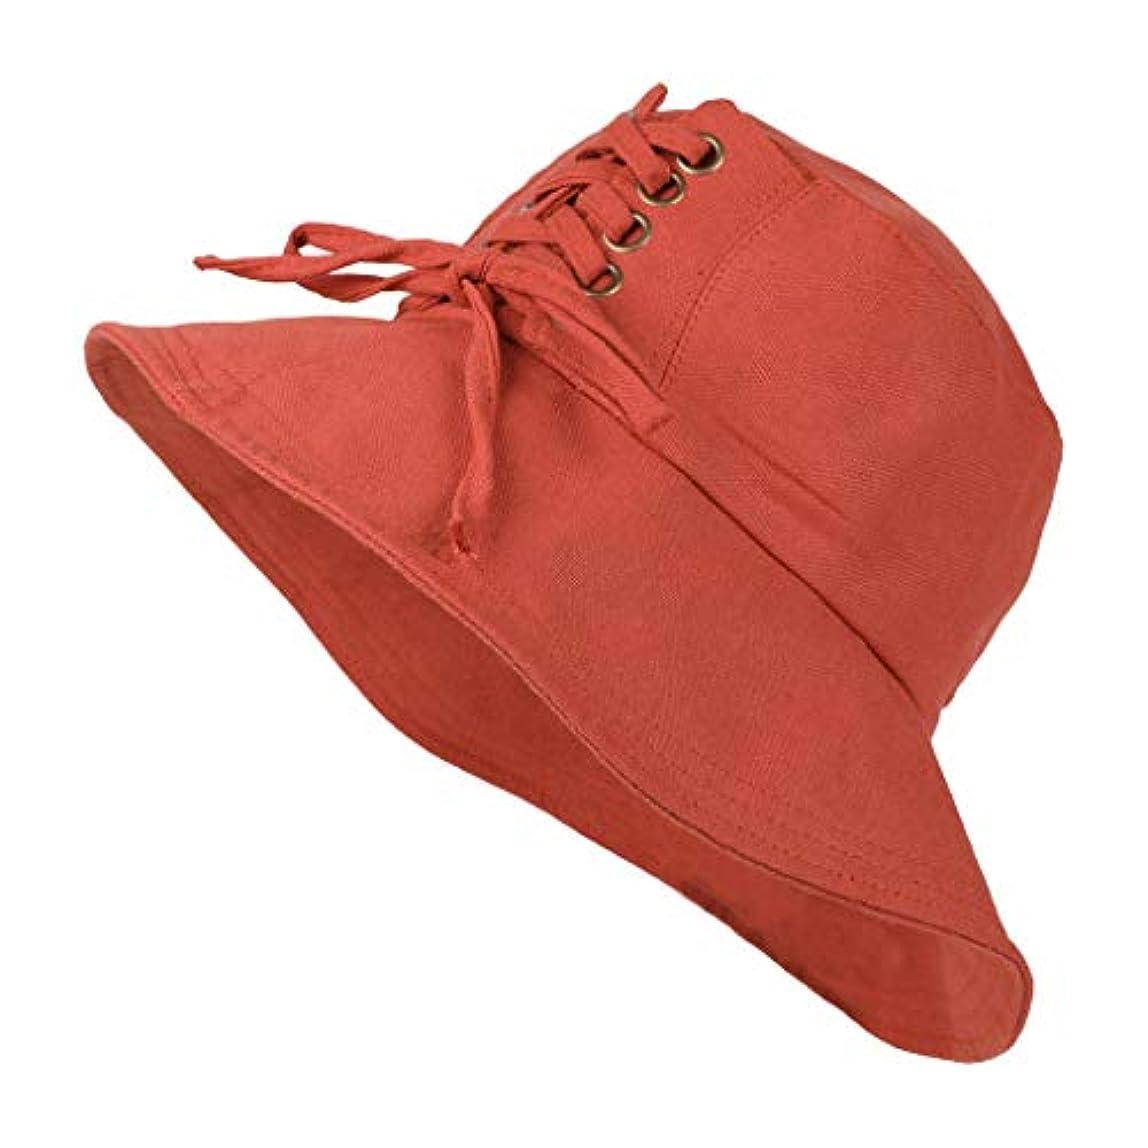 電話に出るナラーバー保守的UVカット 帽子 レディース 日よけ 帽子 レディース ハット つば広 ハット日よけ 折りたたみ 夏季 女優帽 小顔効果抜群 日よけ 小顔 UV対策 おしゃれ 可愛い ハット ニット帽 キャップ レディース ROSE ROMAN